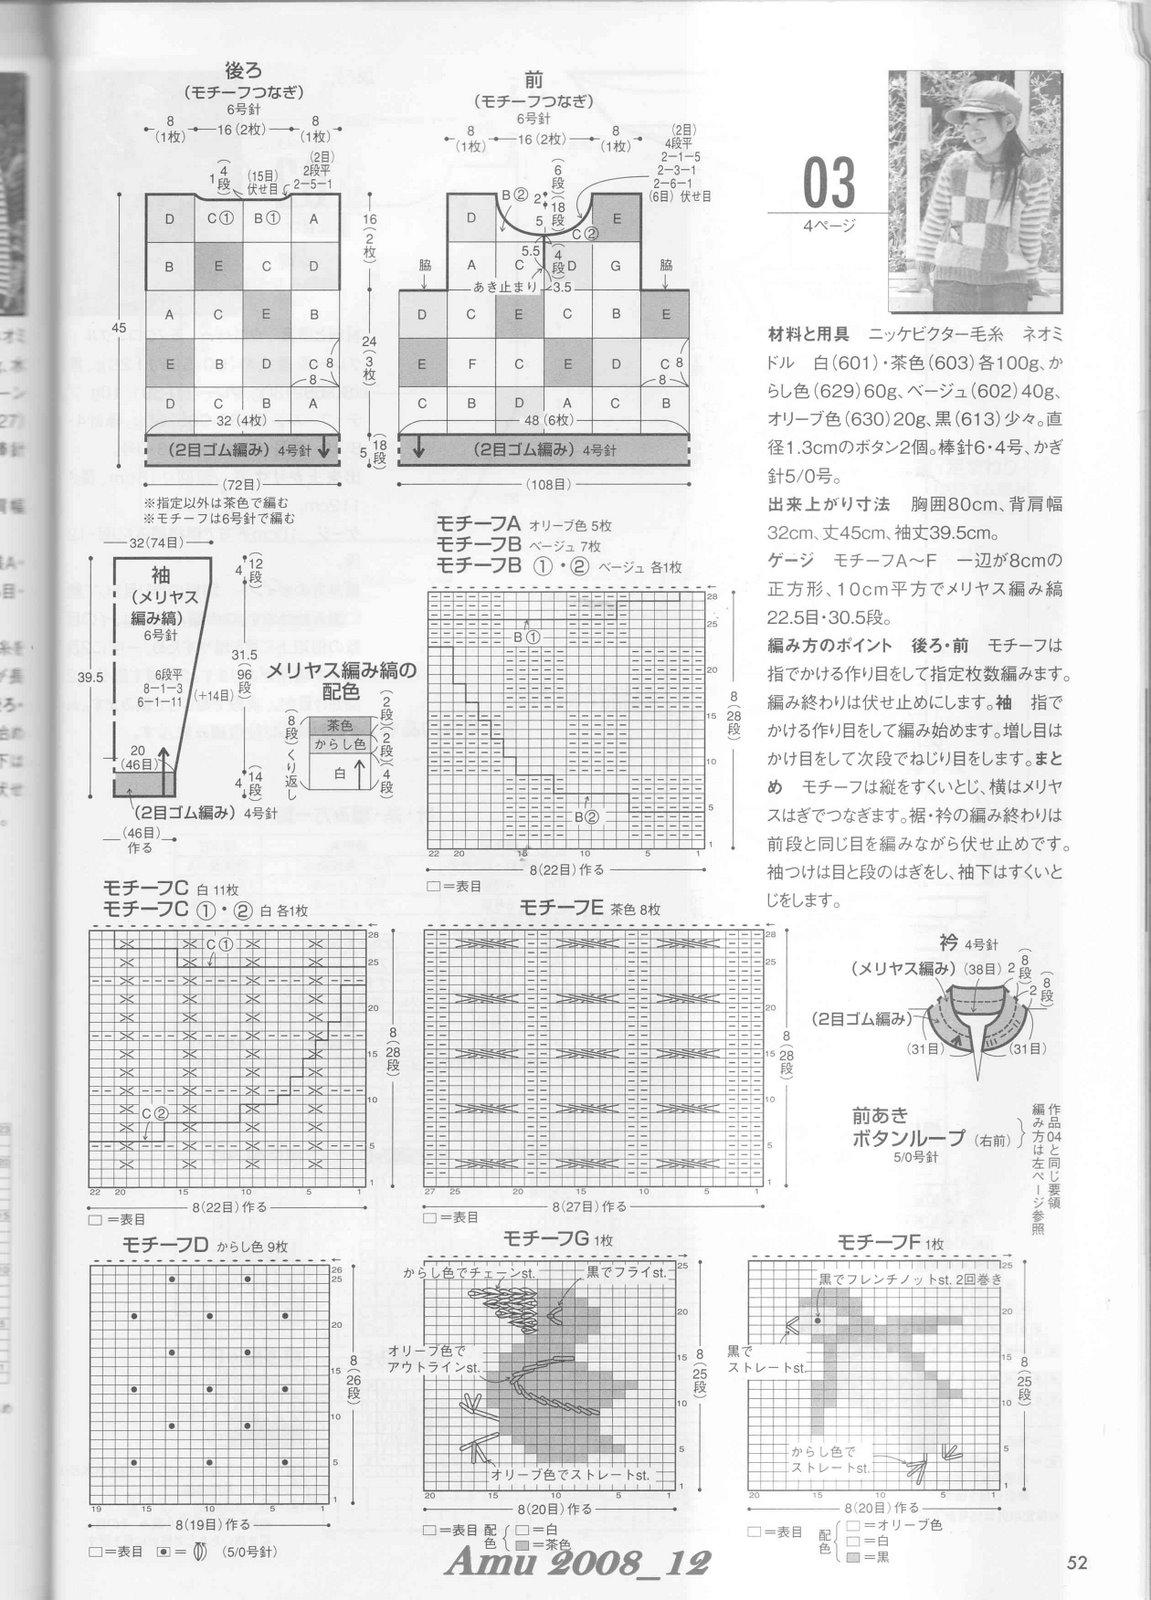 Amu 2008 12 上  - 荷塘秀色 - 茶之韵